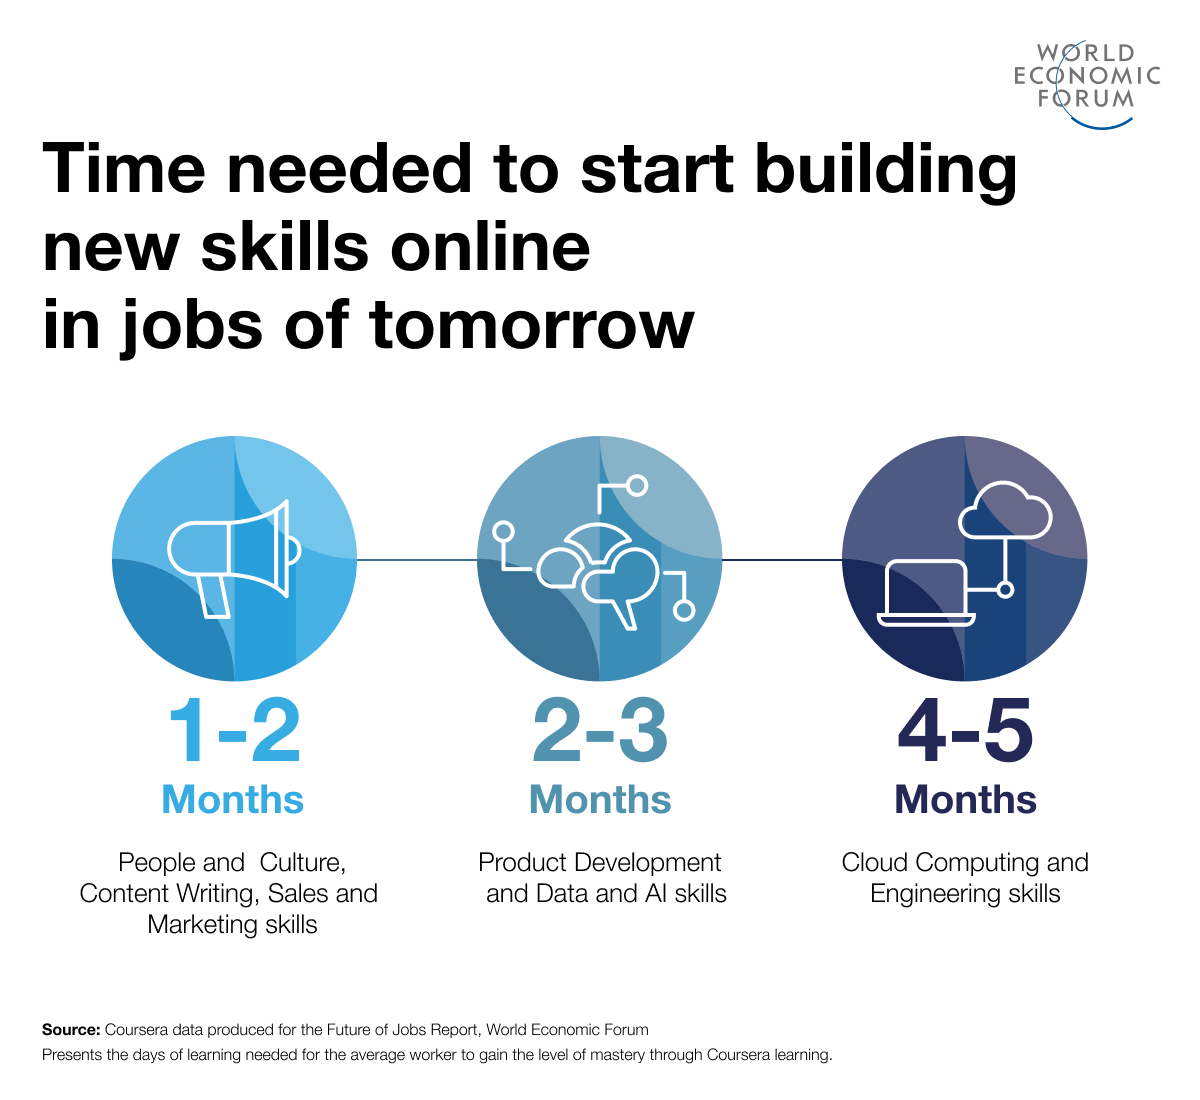 El aprendizaje de algunas habilidades sólo lleva uno o dos meses.